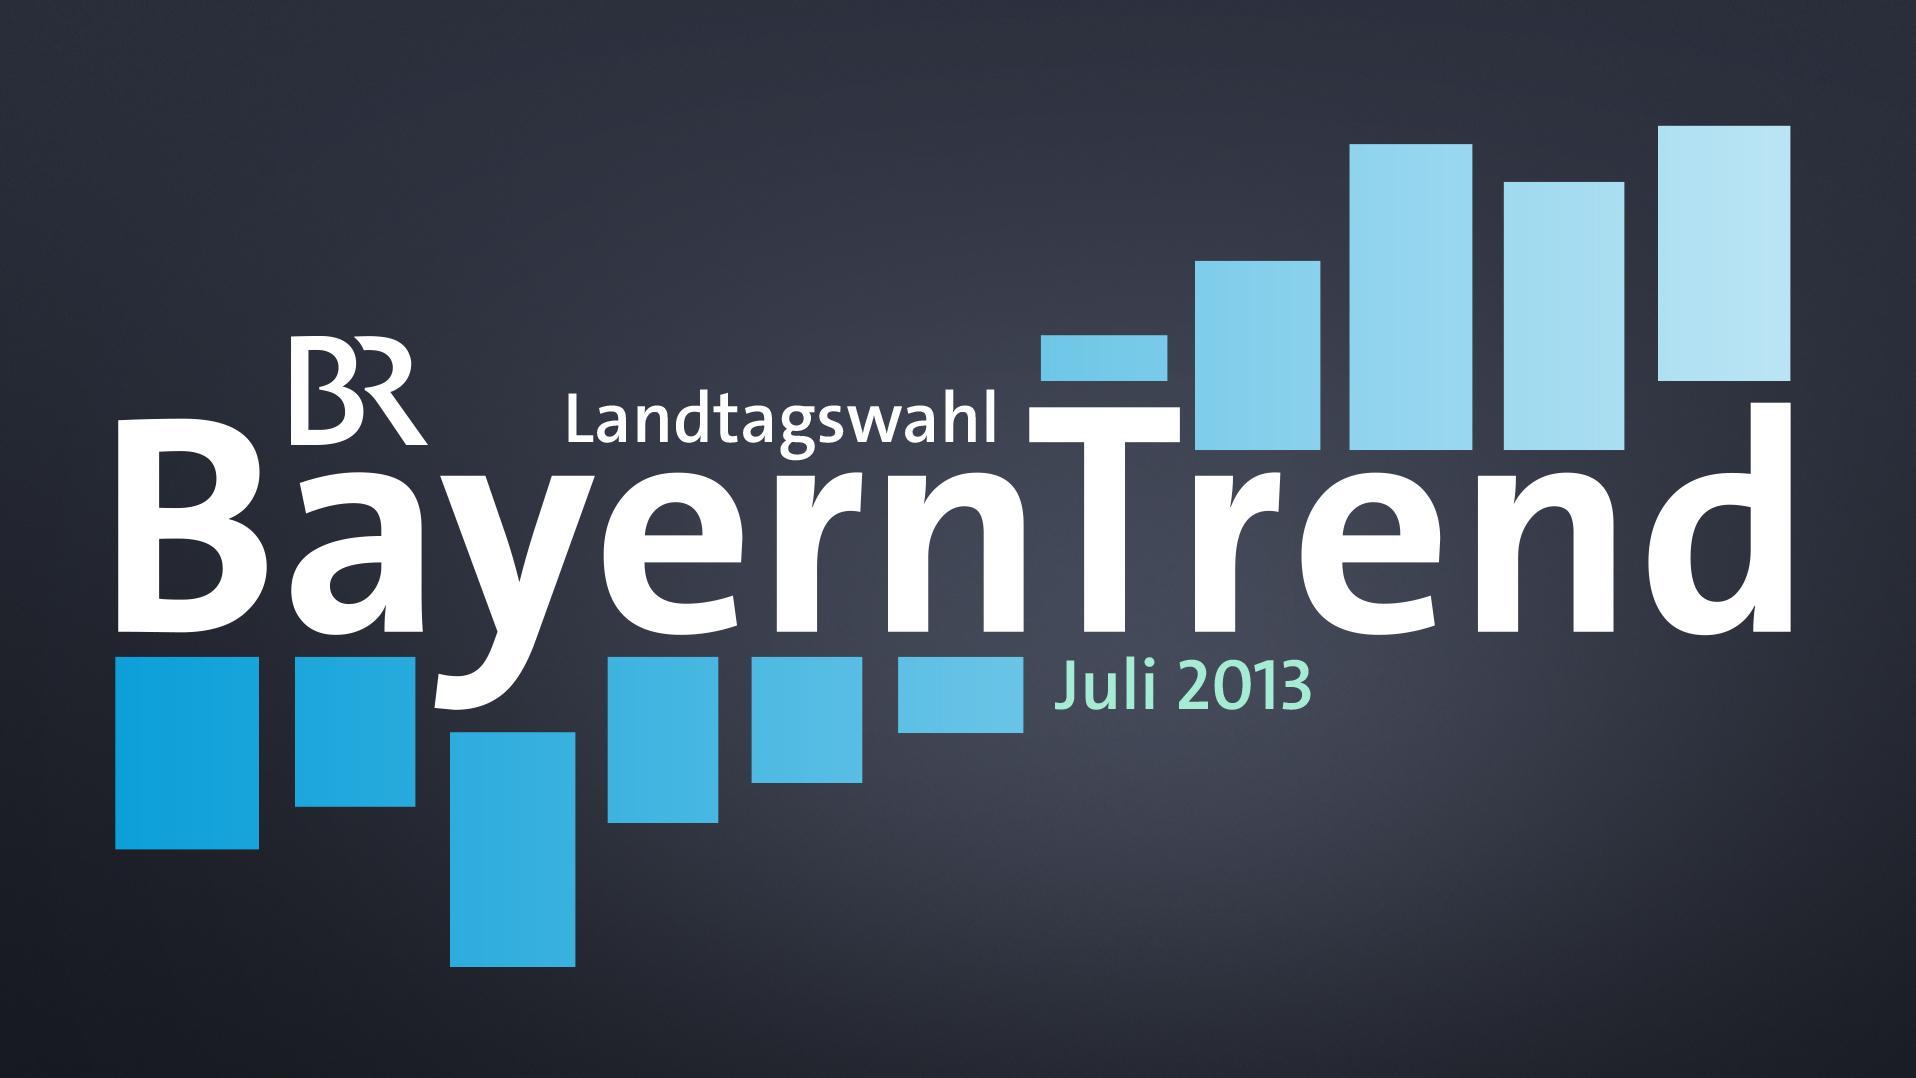 BayernTrend Juli 2013